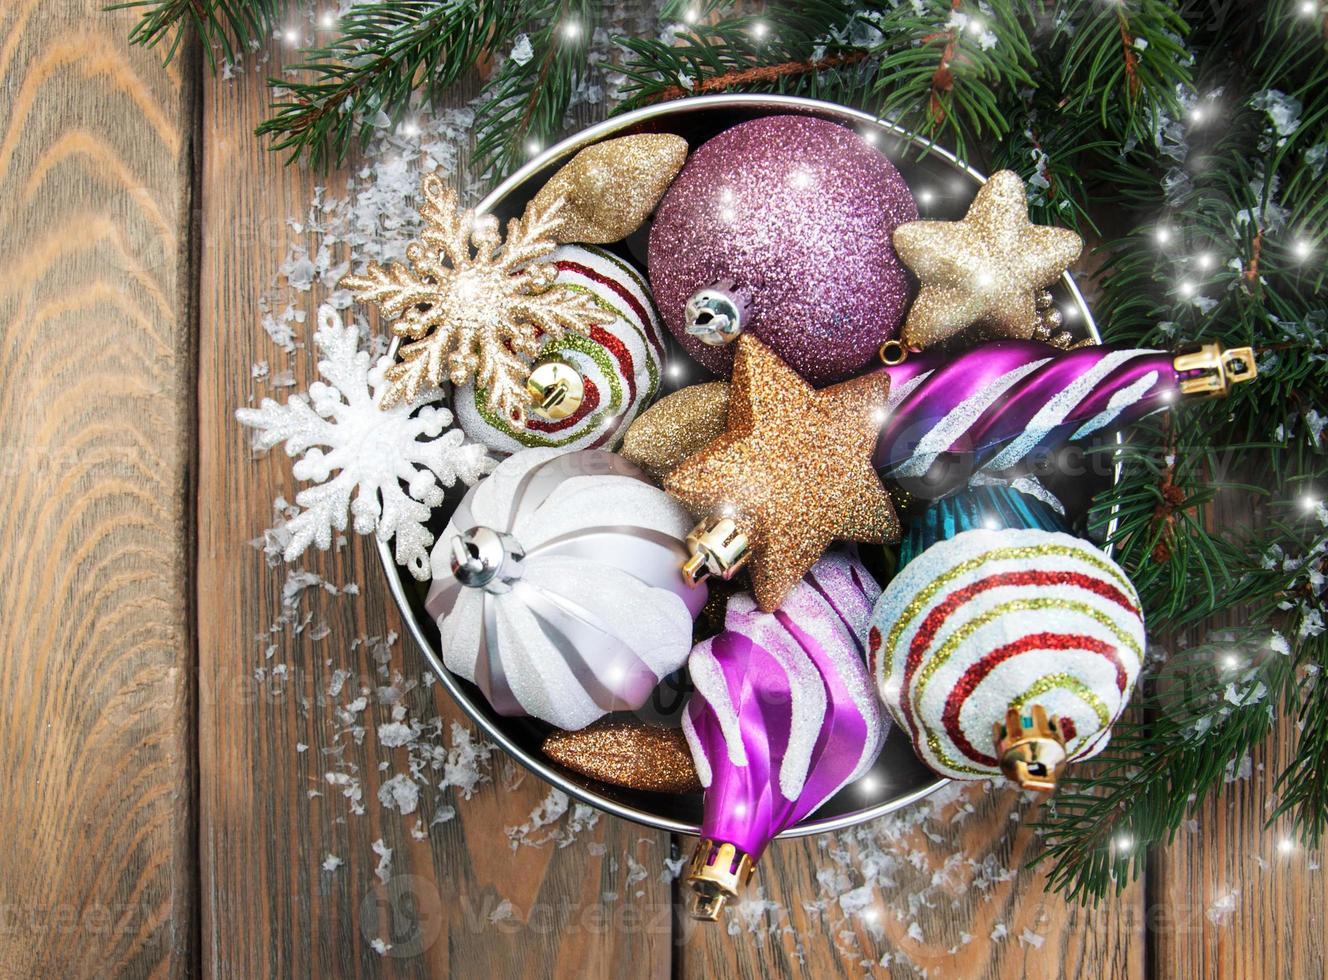 boules de décoration de Noël photo